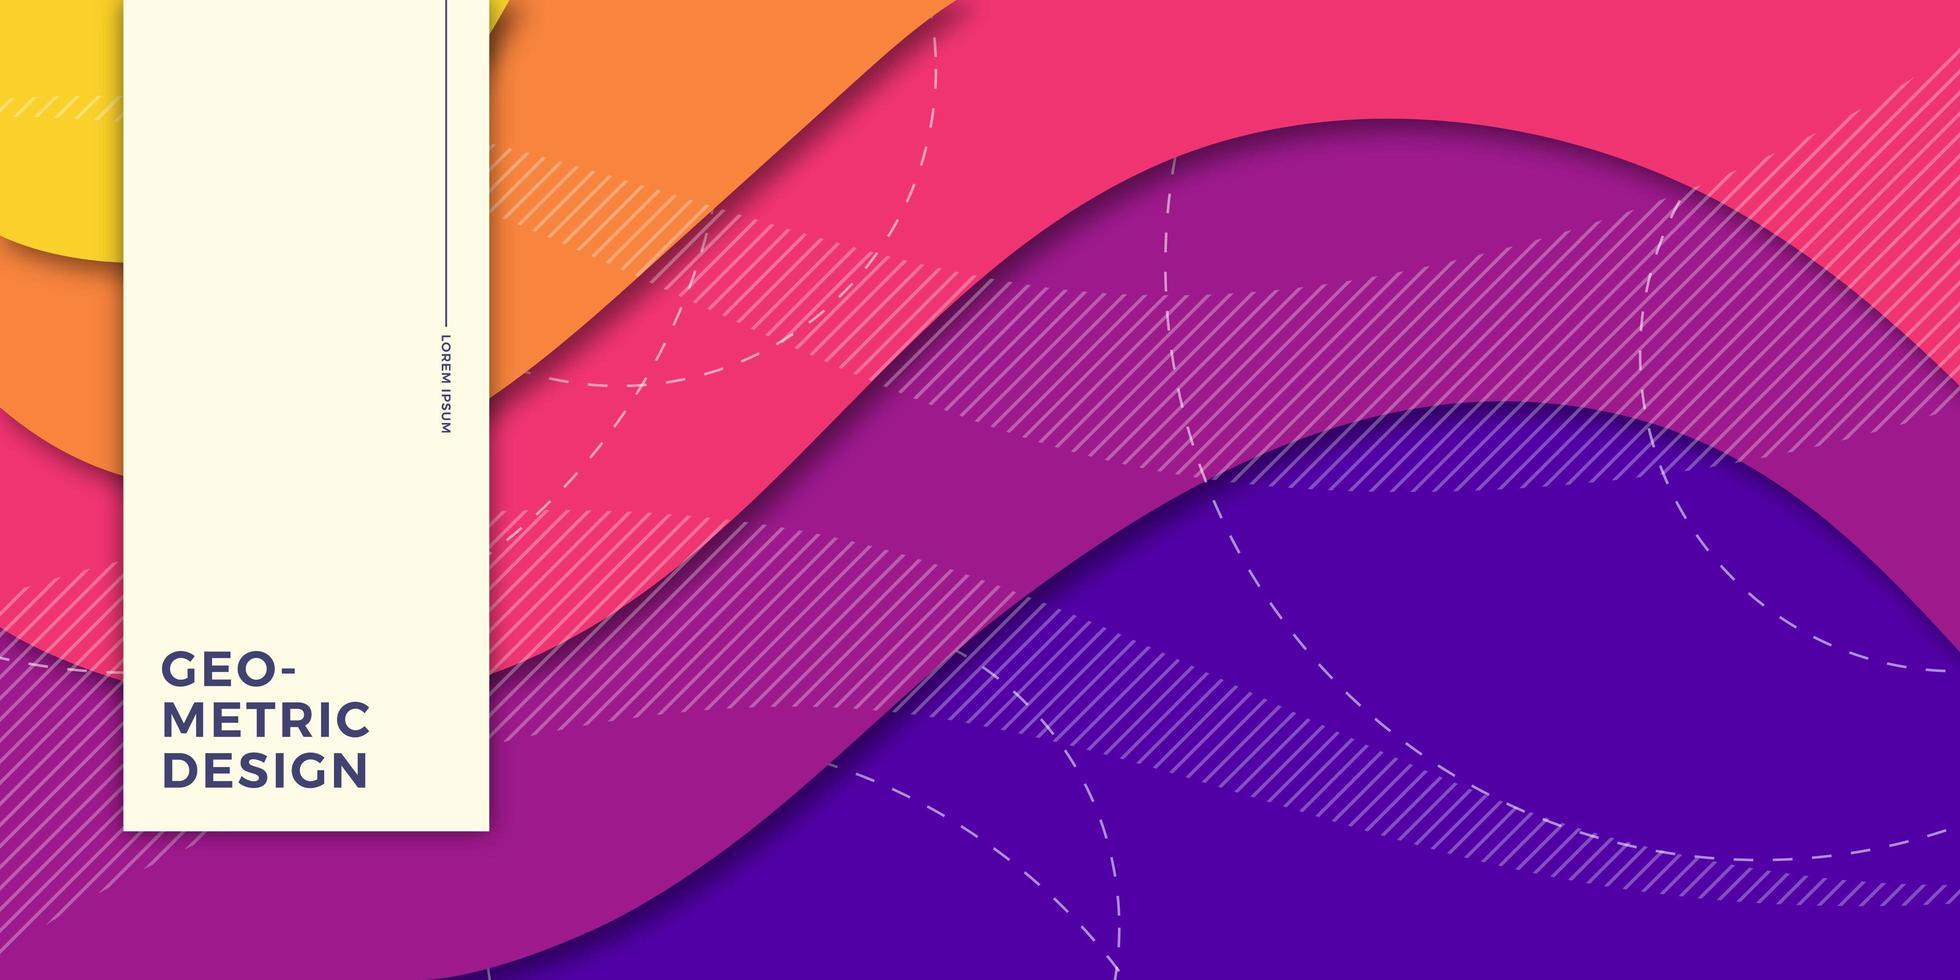 Regenbogenhintergrund mit abstrakten Formen vektor